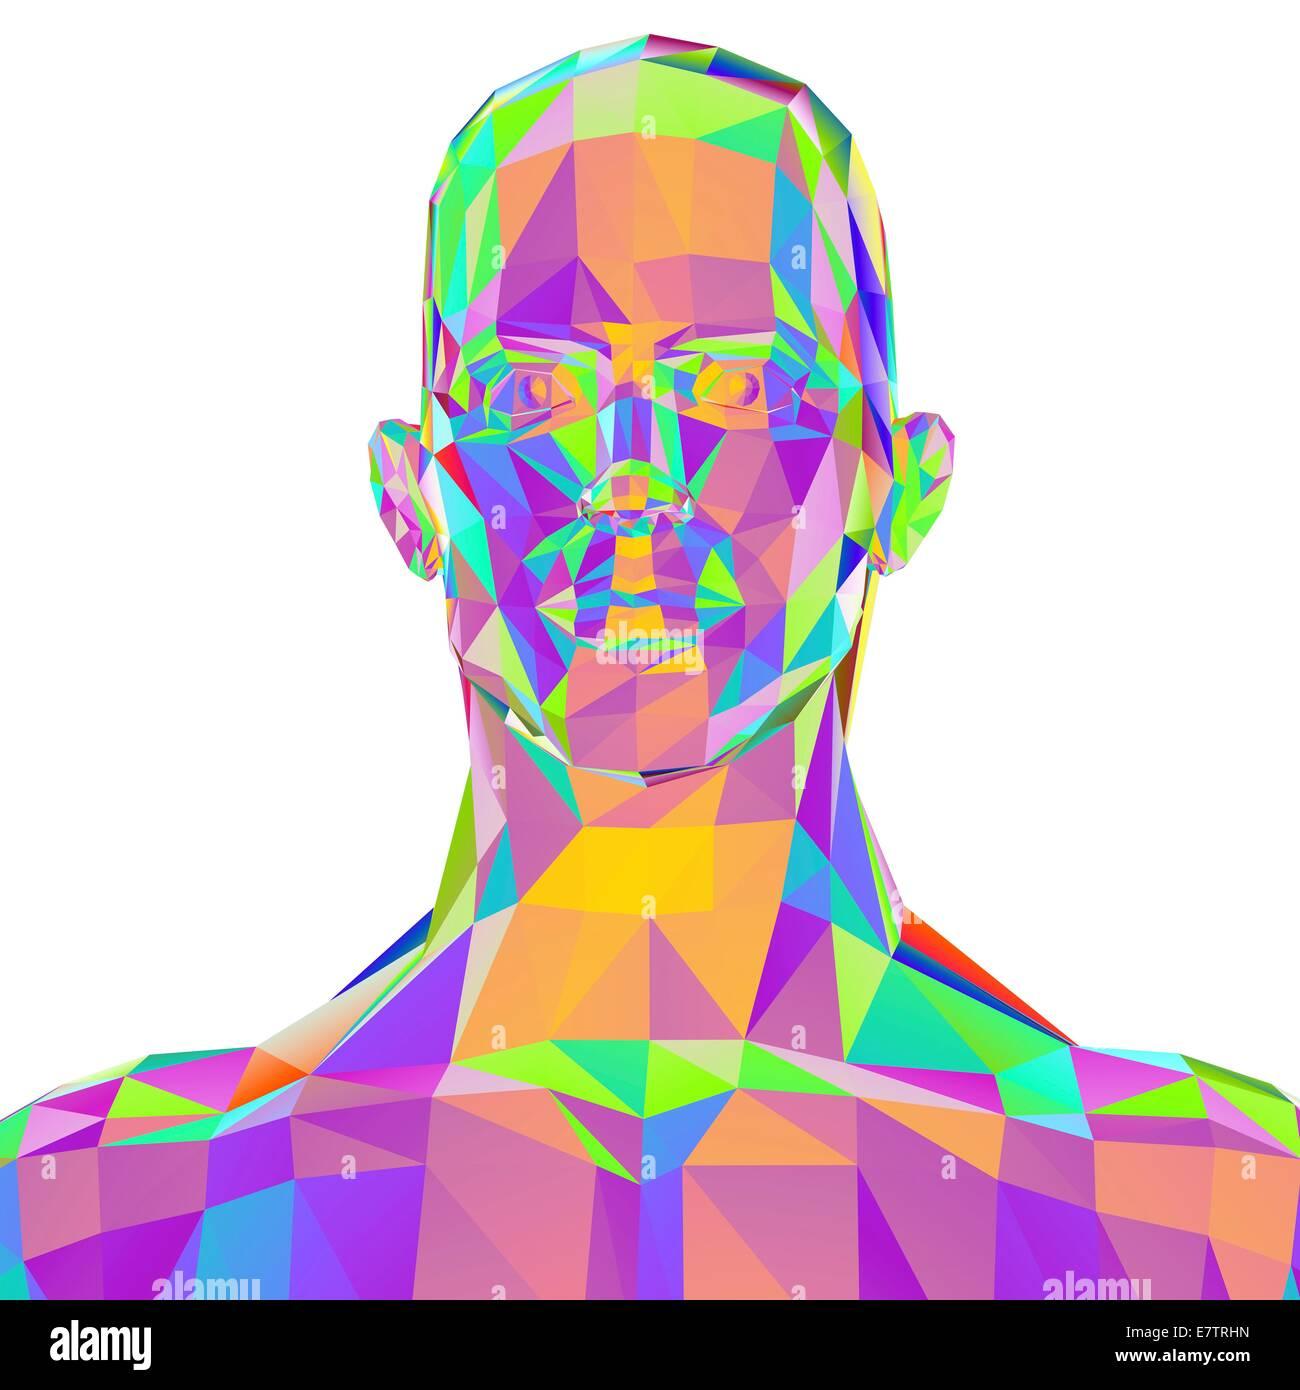 Geometrische abstrakte polygonalen männlichen Kopf, Computer Artwork. Stockbild